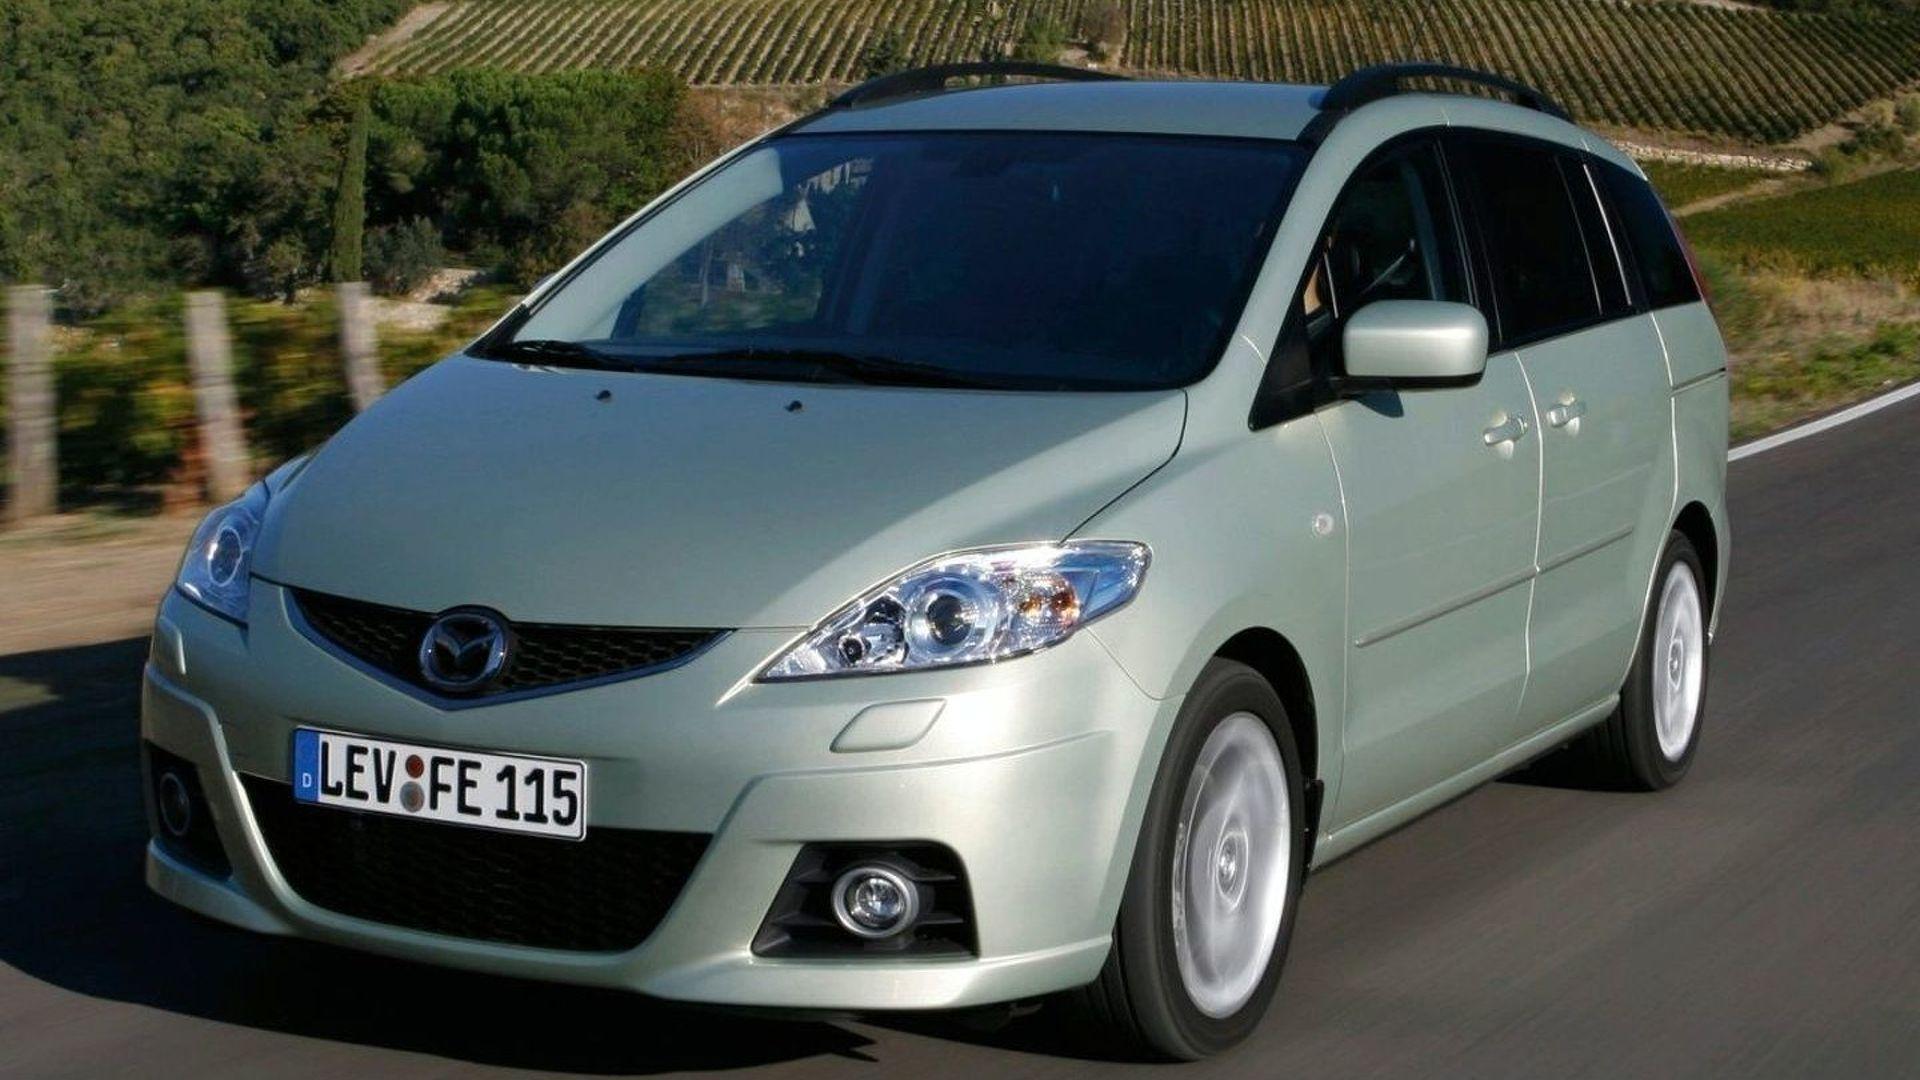 2008 Mazda5 Facelift set for Bologna Debut